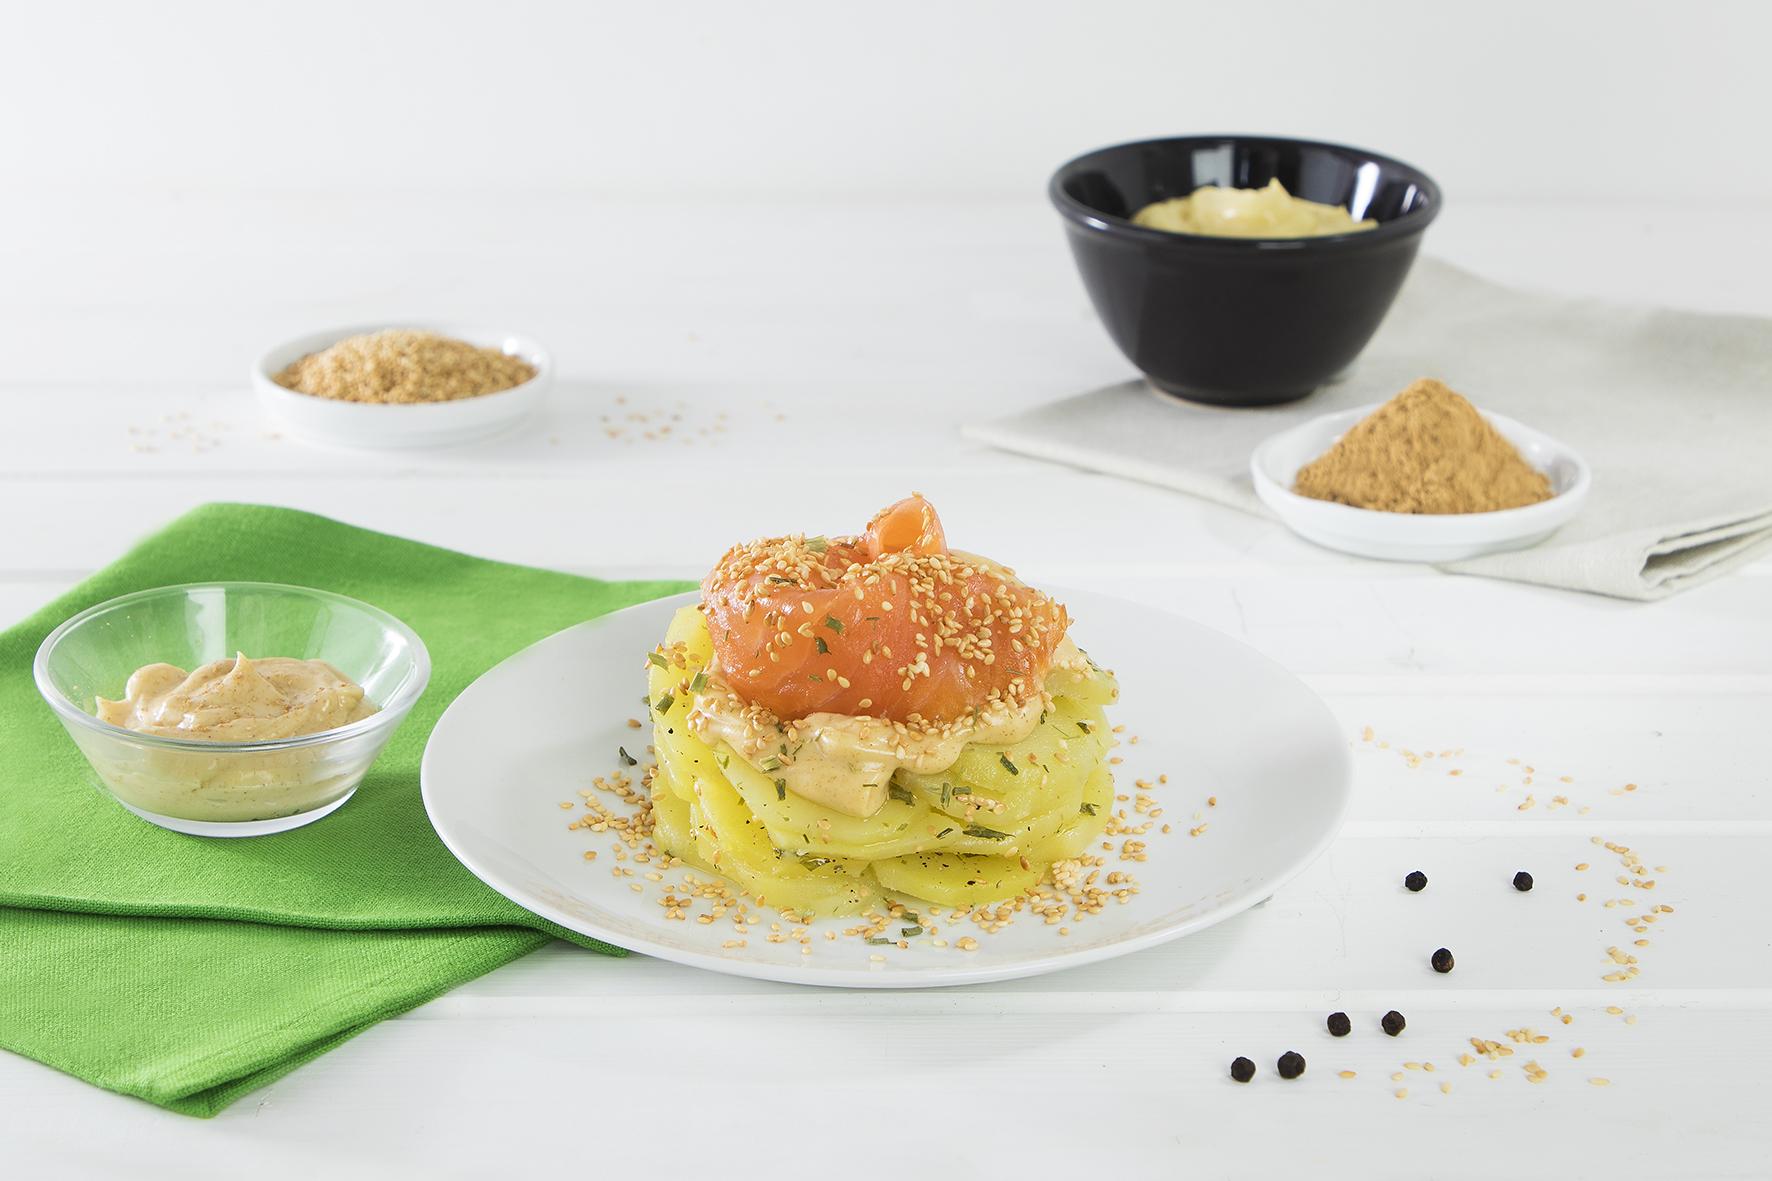 Insalata di patate con erba cipollina e salmone con maionese allo zenzero